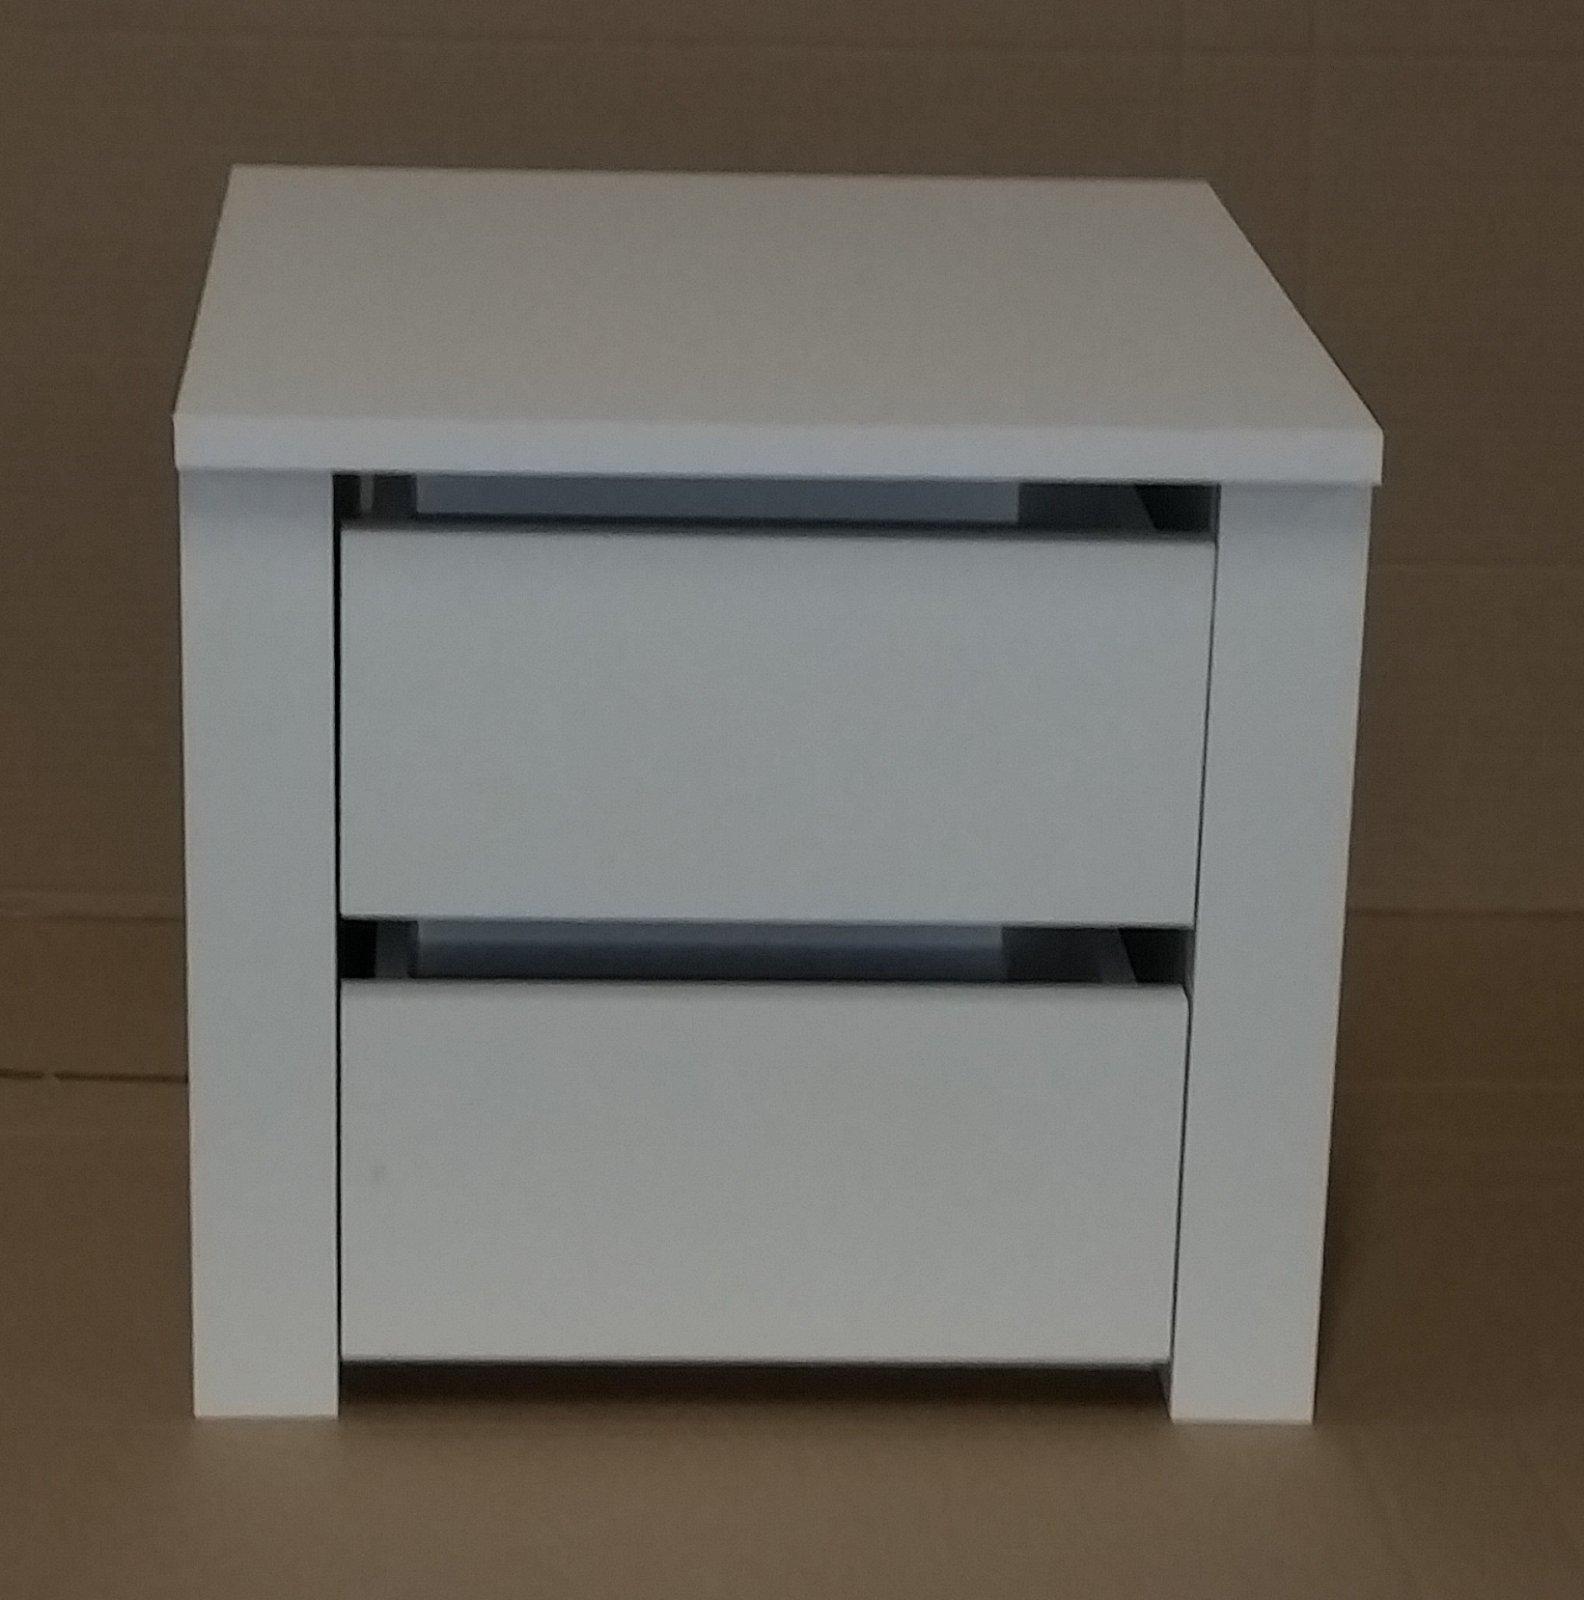 Armadio Bianco Per Cameretta.Cassettiera Legno Cameretta Interno Per Armadio Bianco Cm 41 2 1